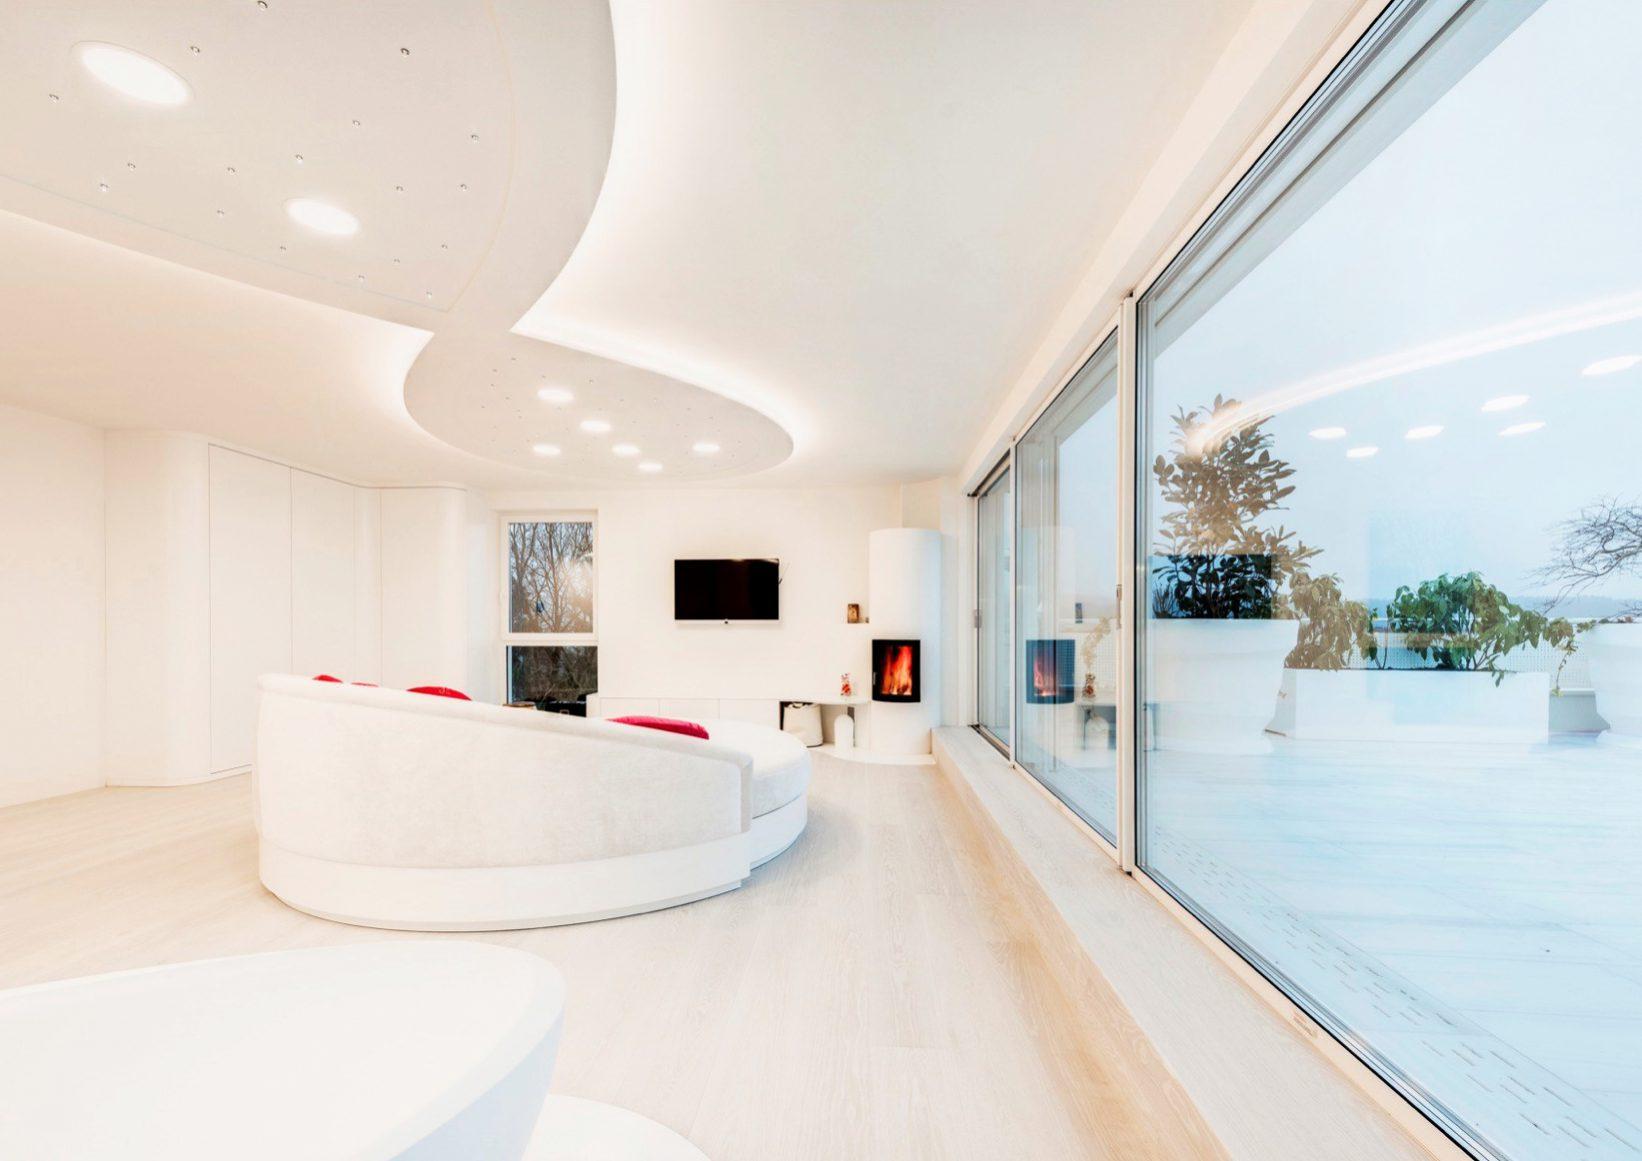 evon Smart Home moderner Wohnraum